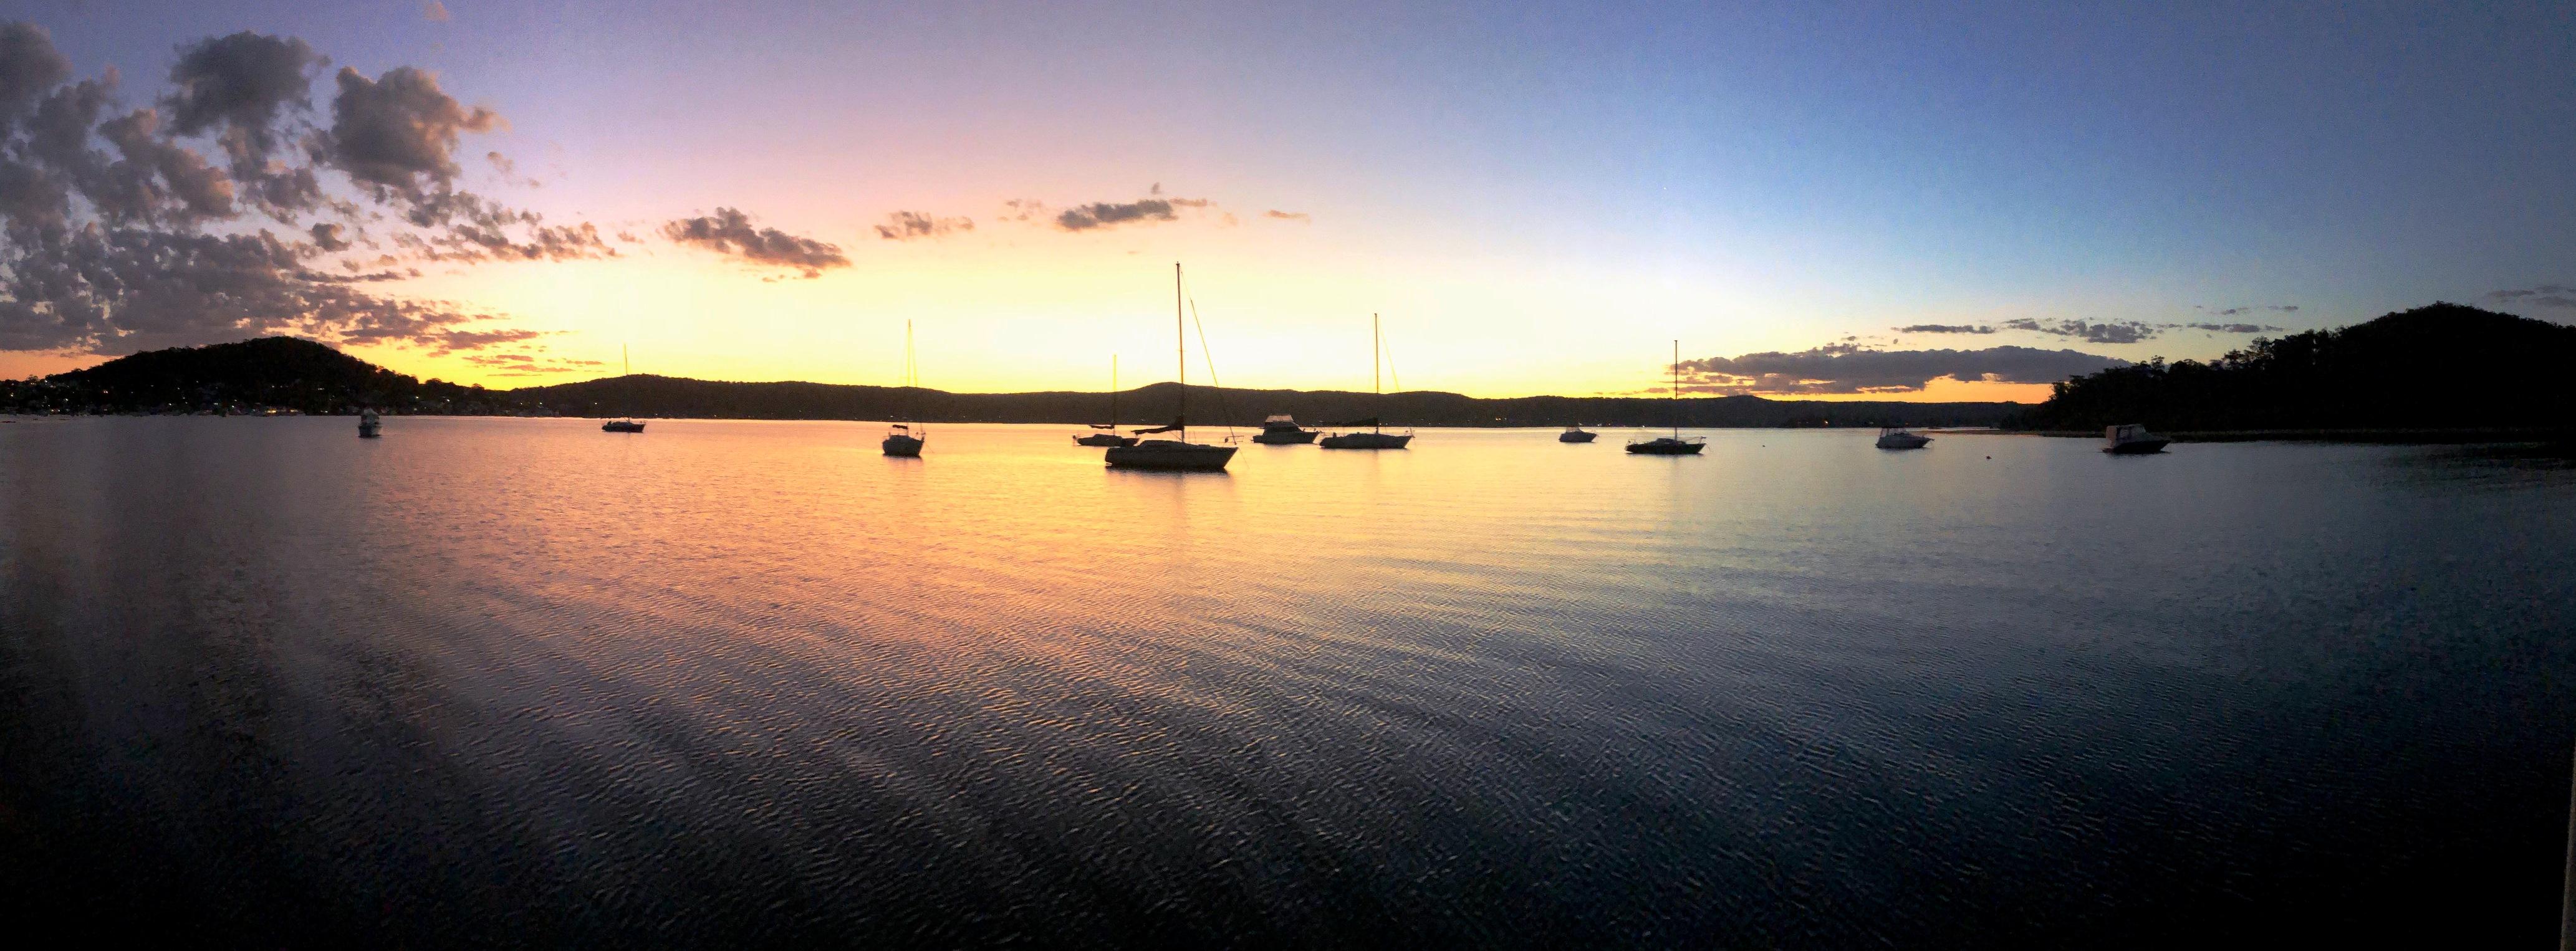 Panorama Yattalunga2